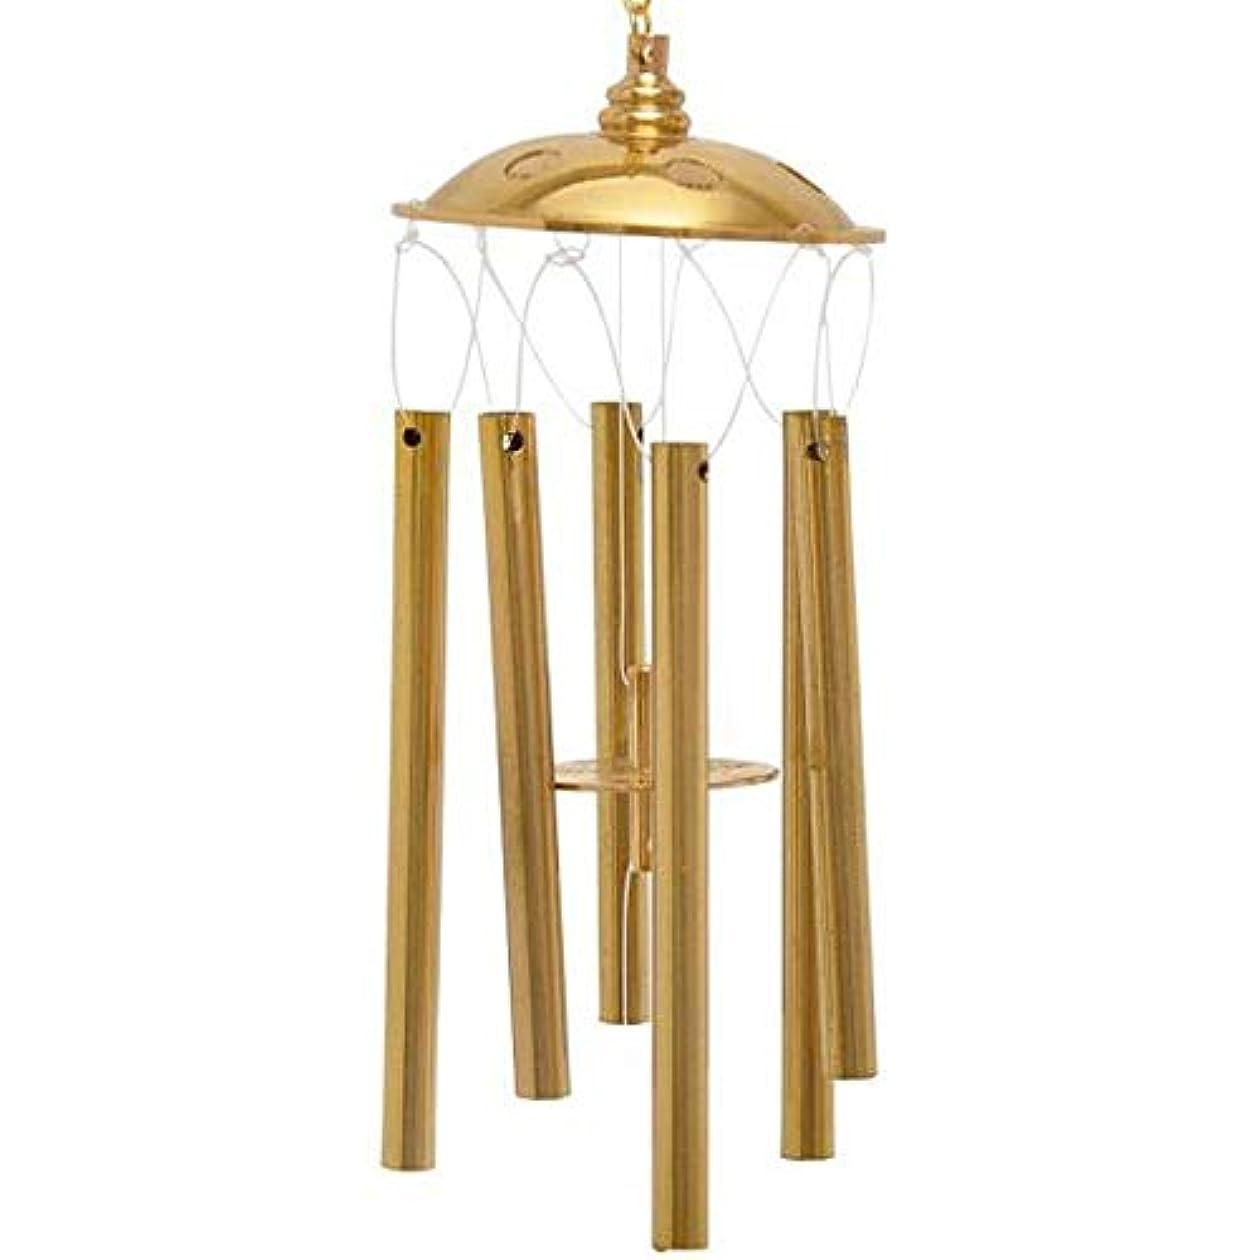 空いている環境自分Jielongtongxun 風チャイム、真鍮ホームデコレーション6チューブ風の鐘、ゴールド、全長約22CM,絶妙な飾り (Size : 36cm)